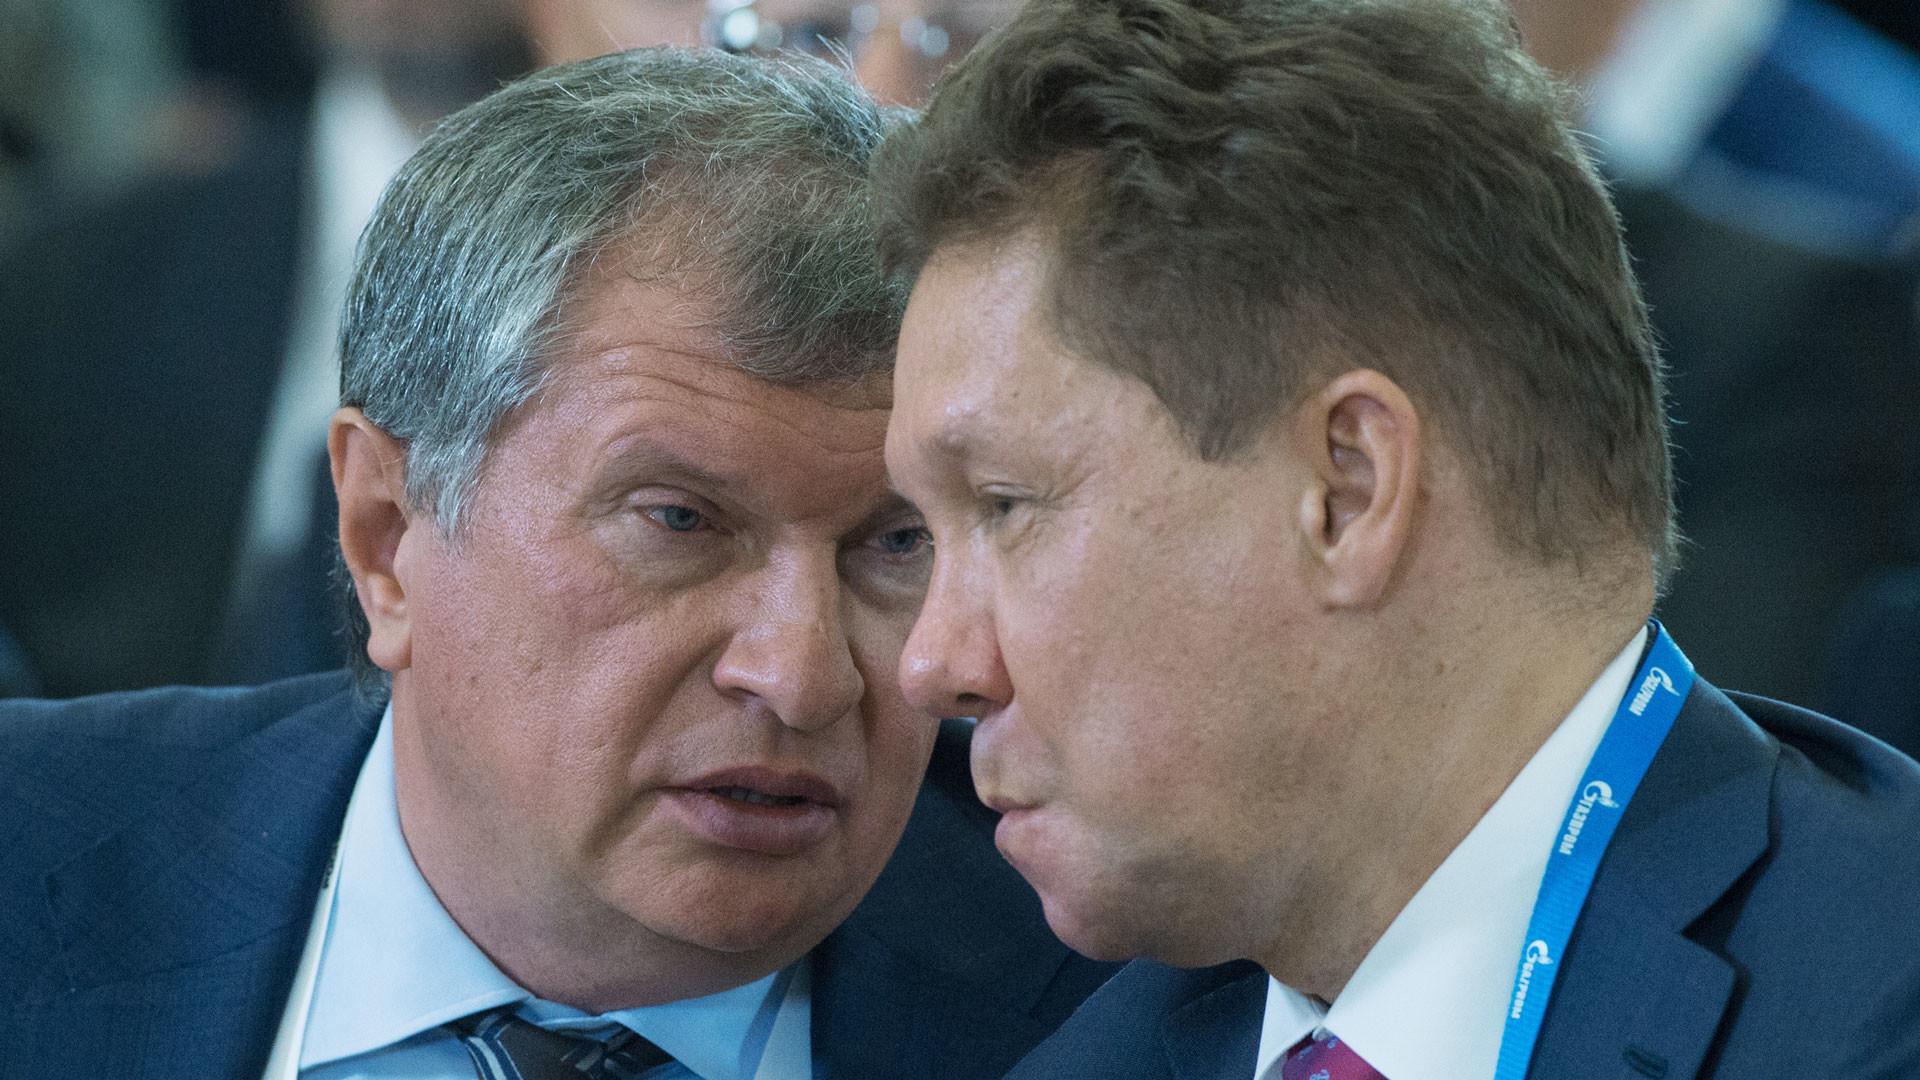 Игорь Сечин (слева) и Алексей Миллер. Фото: © РИА Новости/Сергей Гунеев